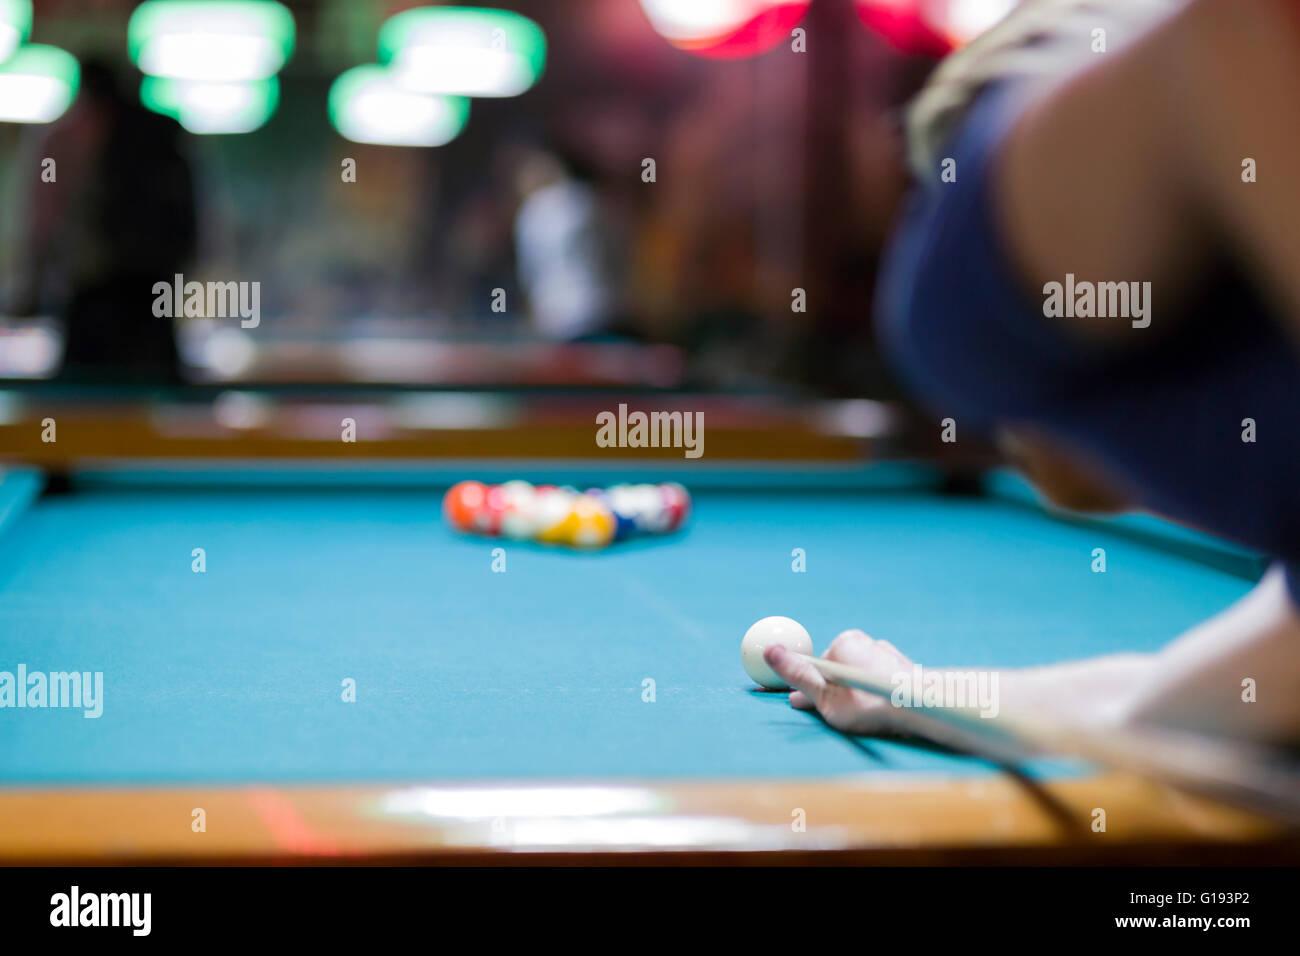 Handsome man looking to break the balls in billiard - Stock Image